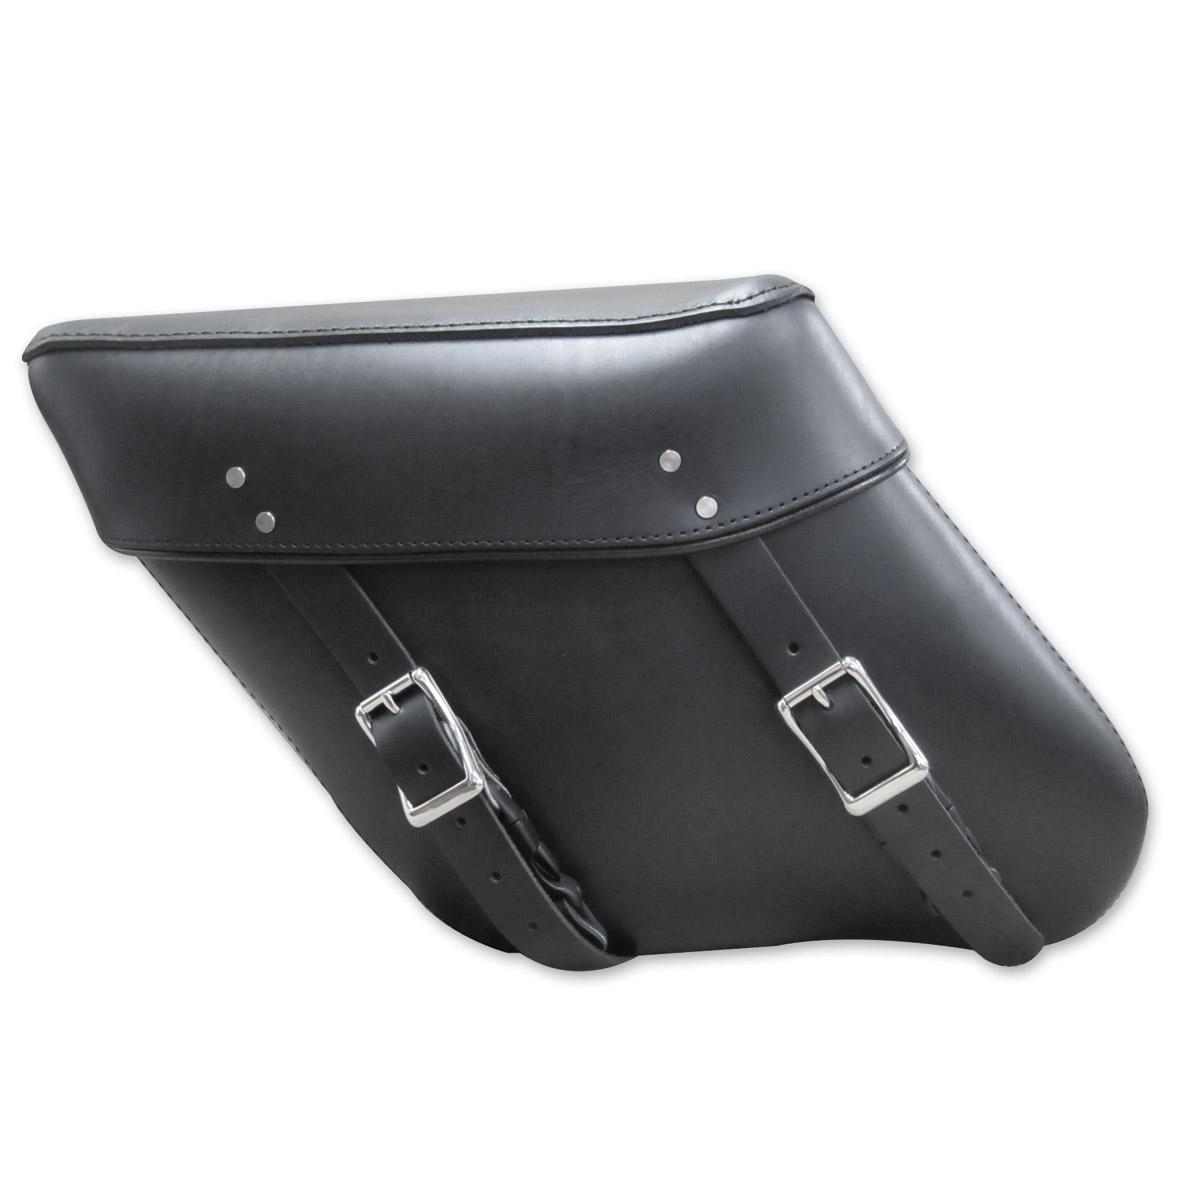 Leatherworks, Inc. Wide Angle Black Economy Bolt-On Saddlebag